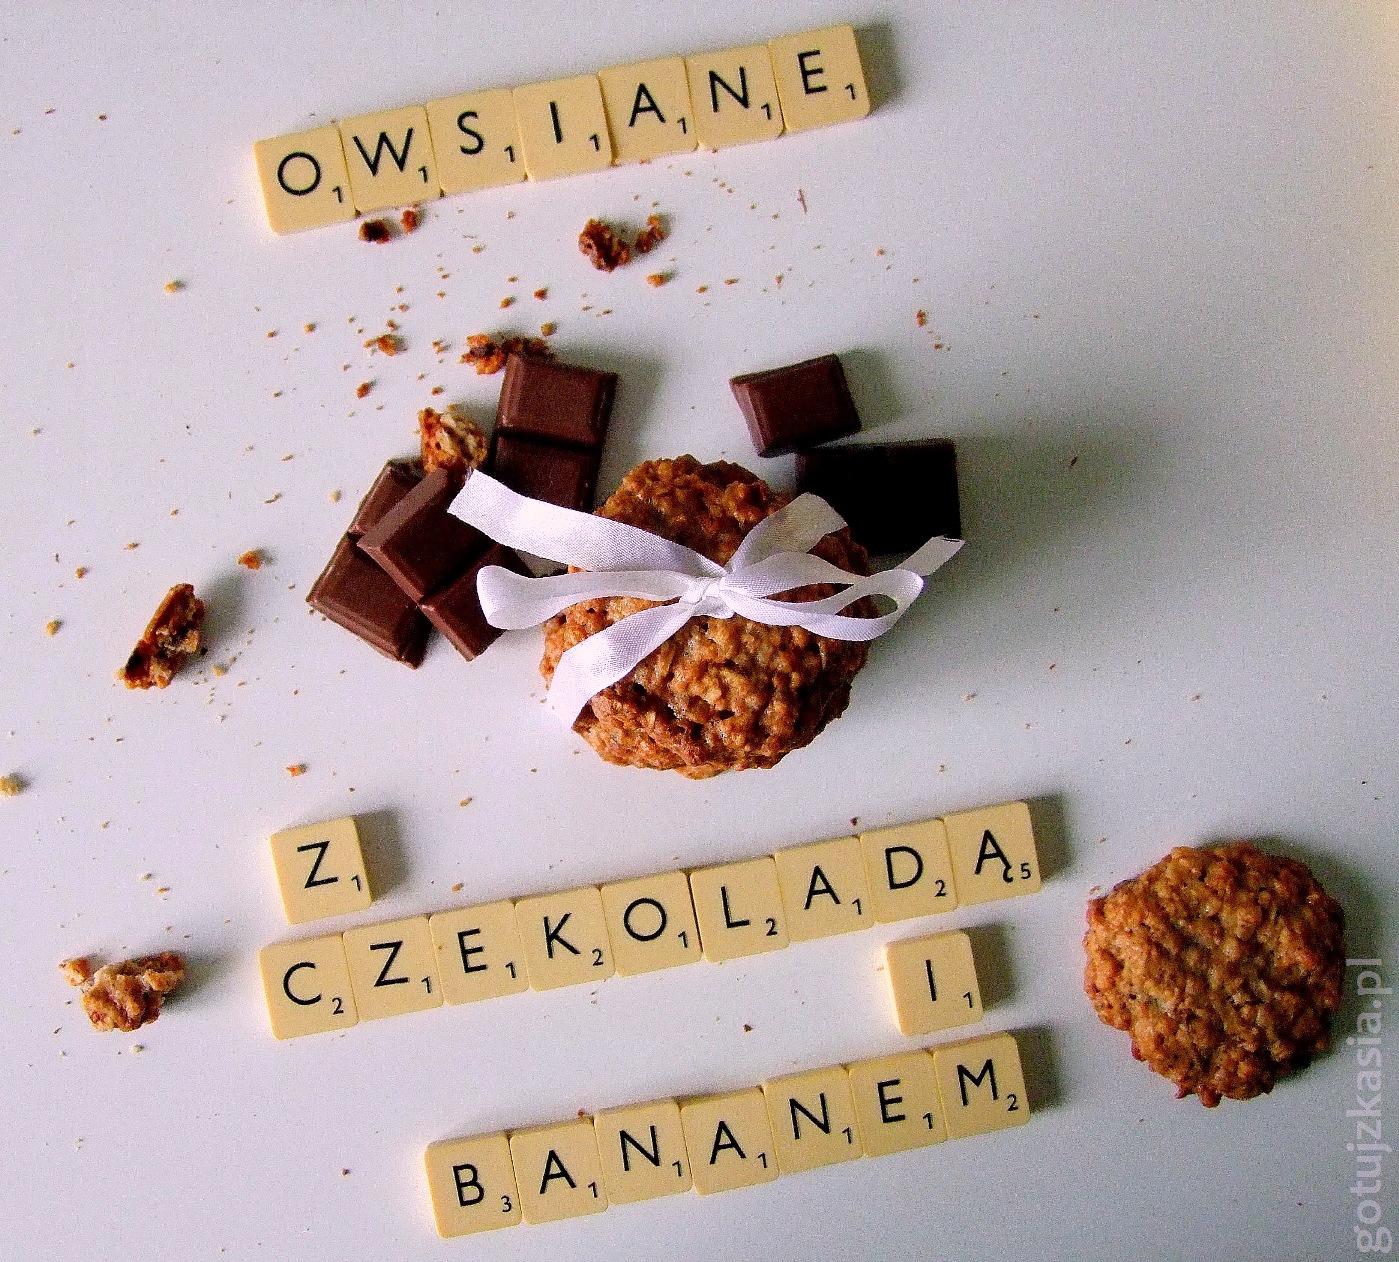 owsiane z czekolada i bananem 4